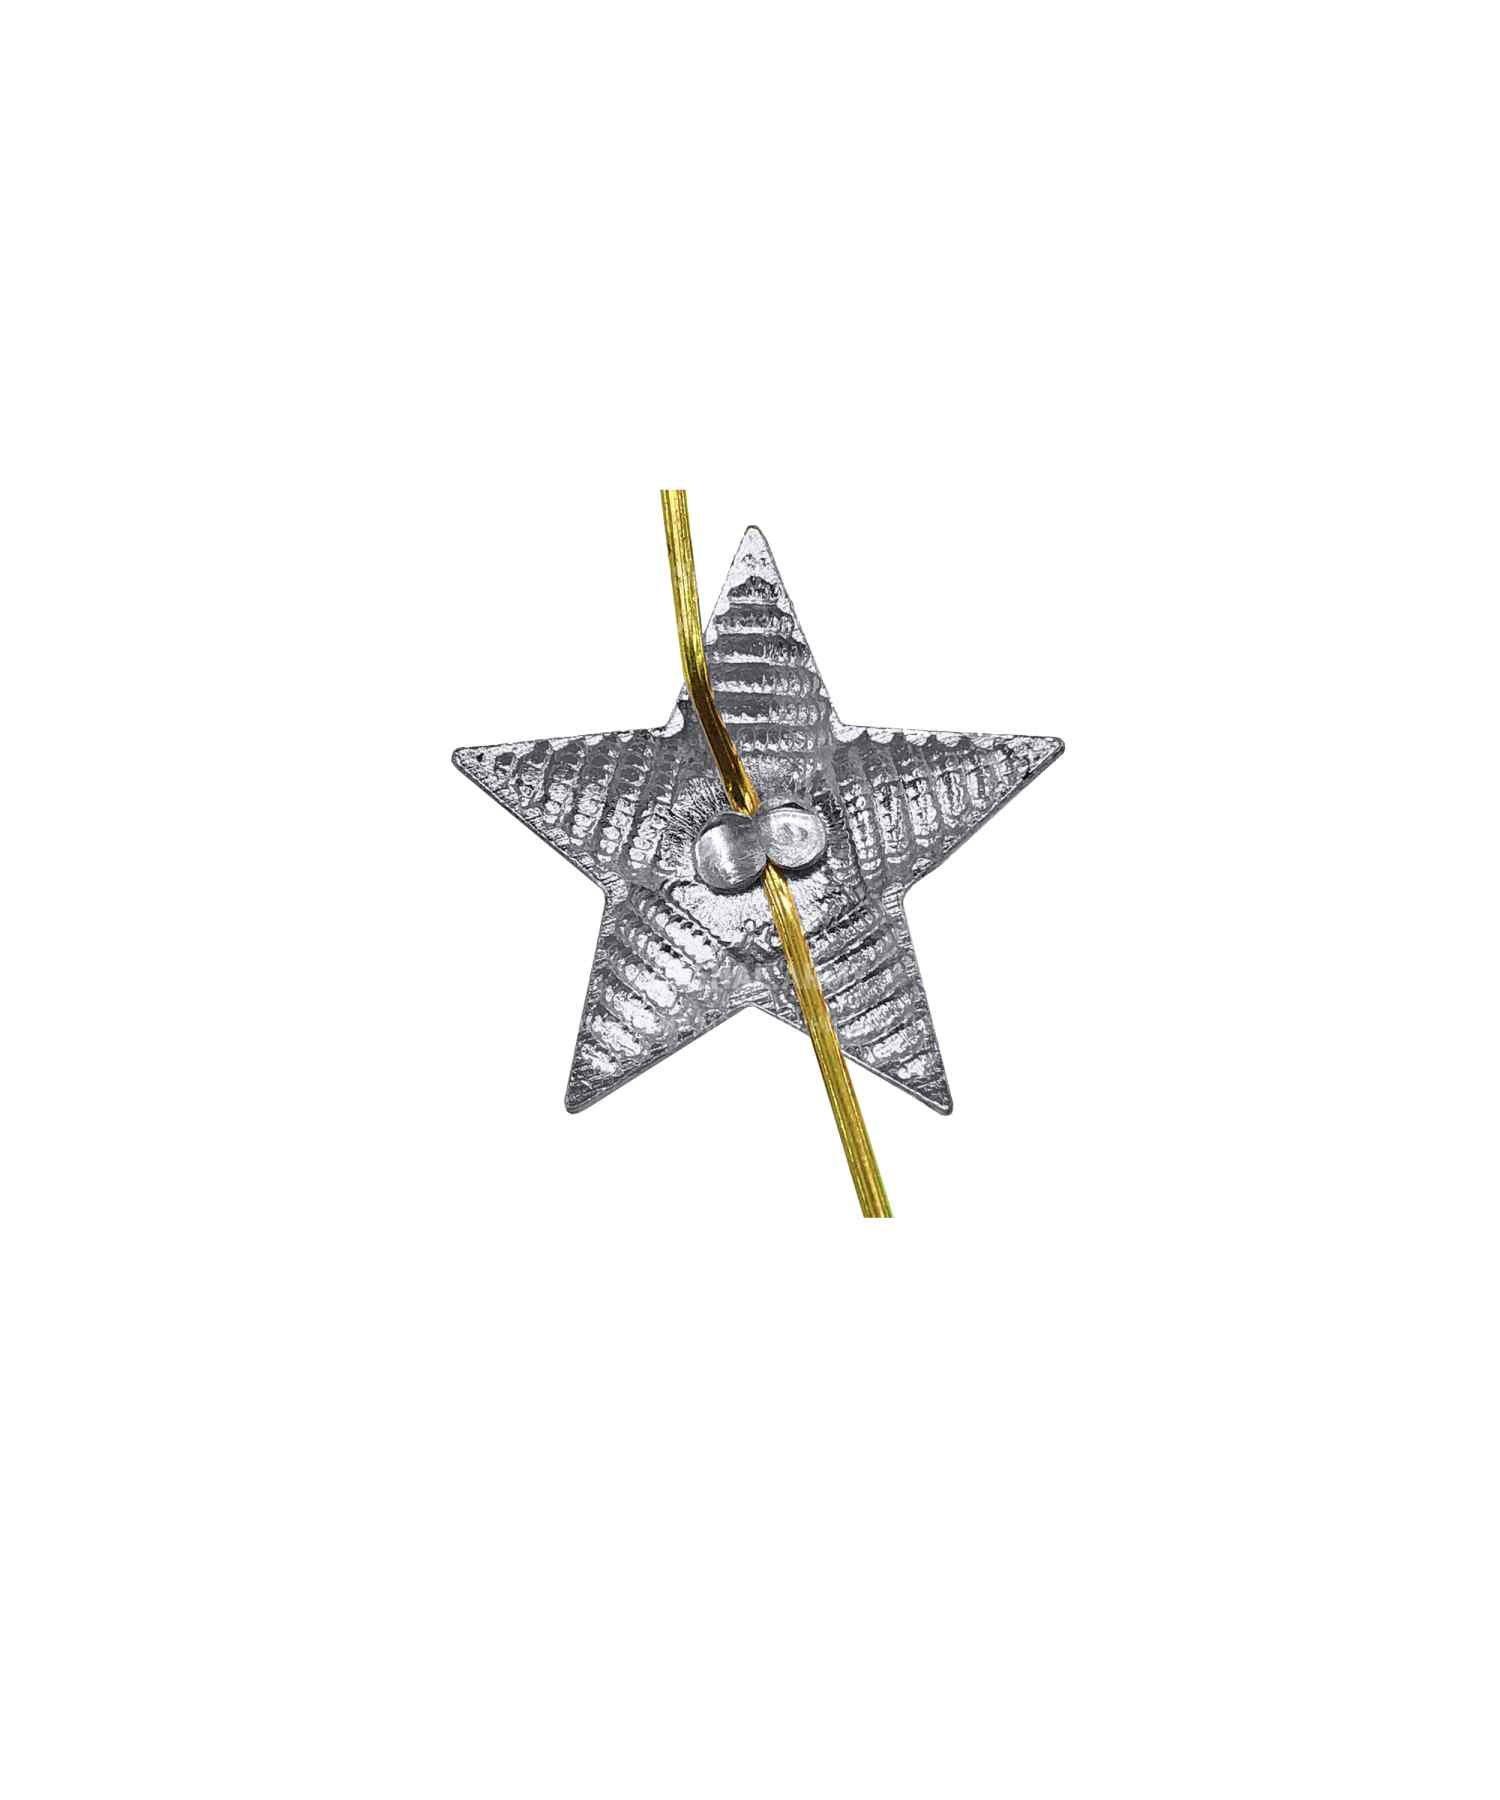 Звезда на погоны рифленая серебряная 13 мм